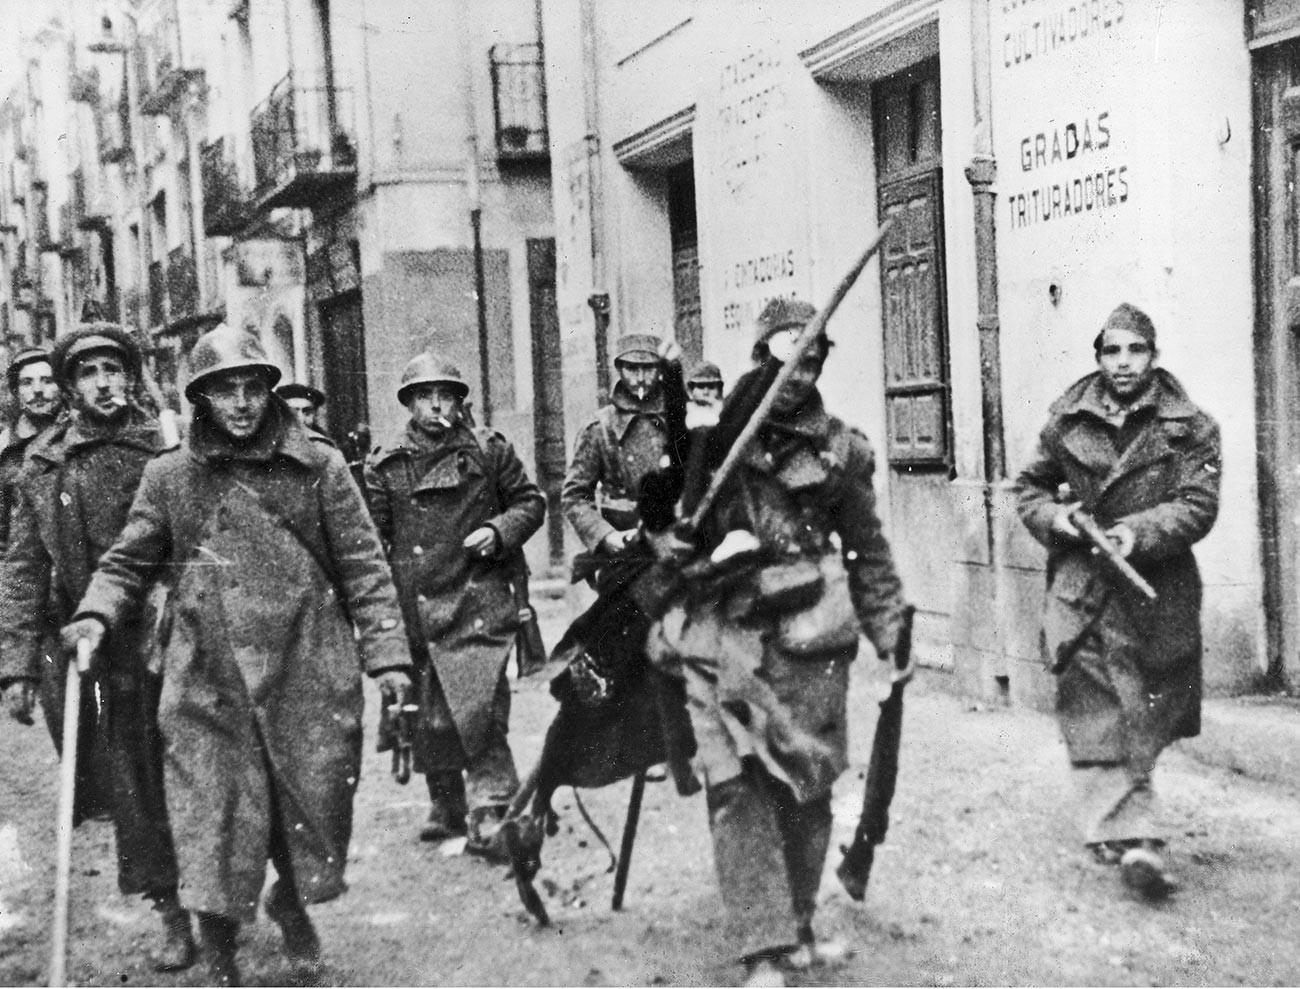 Републикански войници по улиците на Теруел, по време на завладяването на града